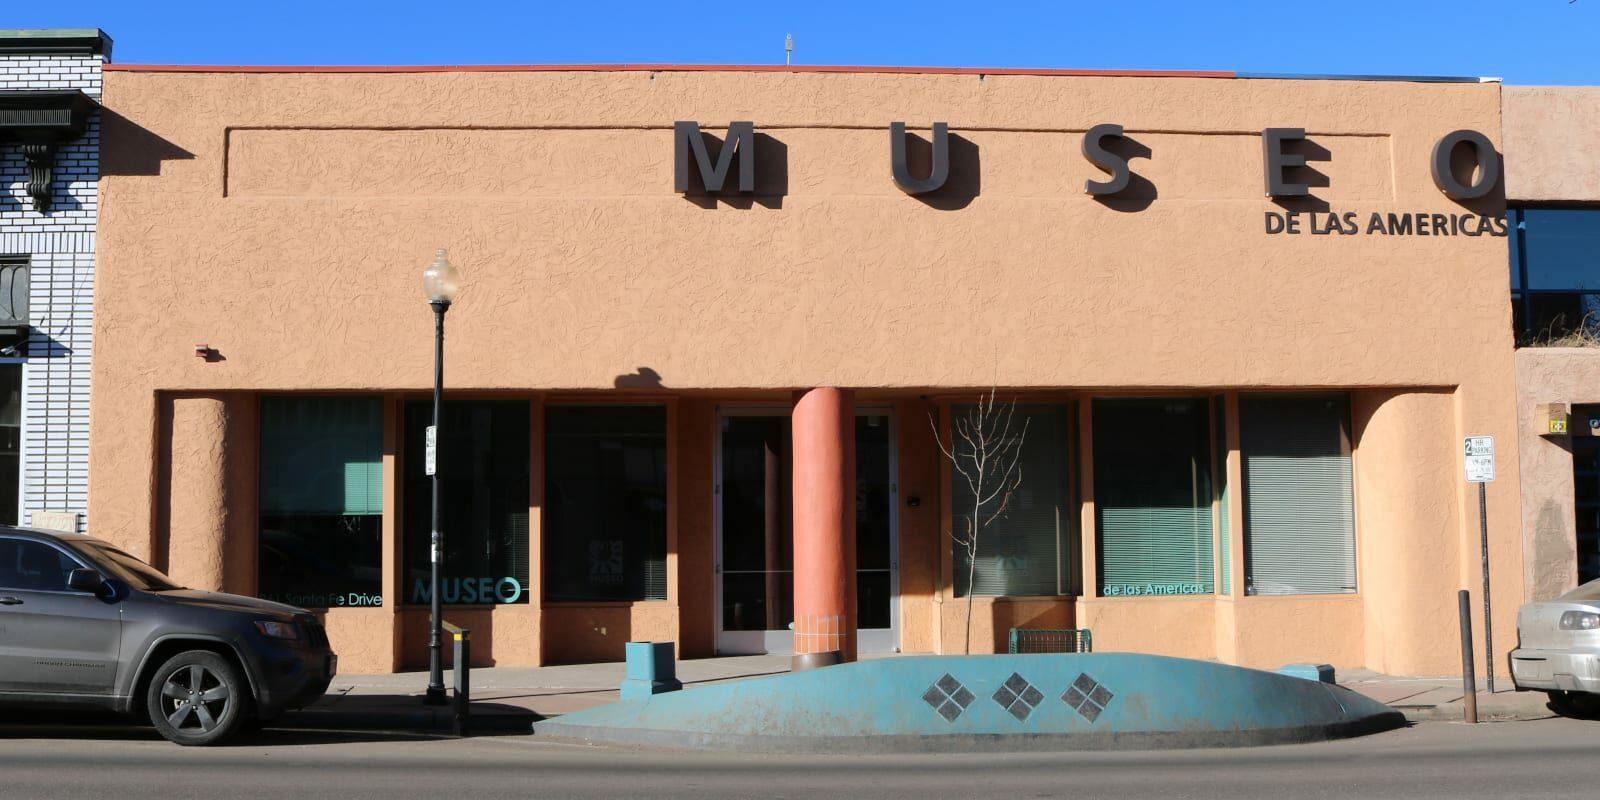 Museo De Las Americas in Denver, CO